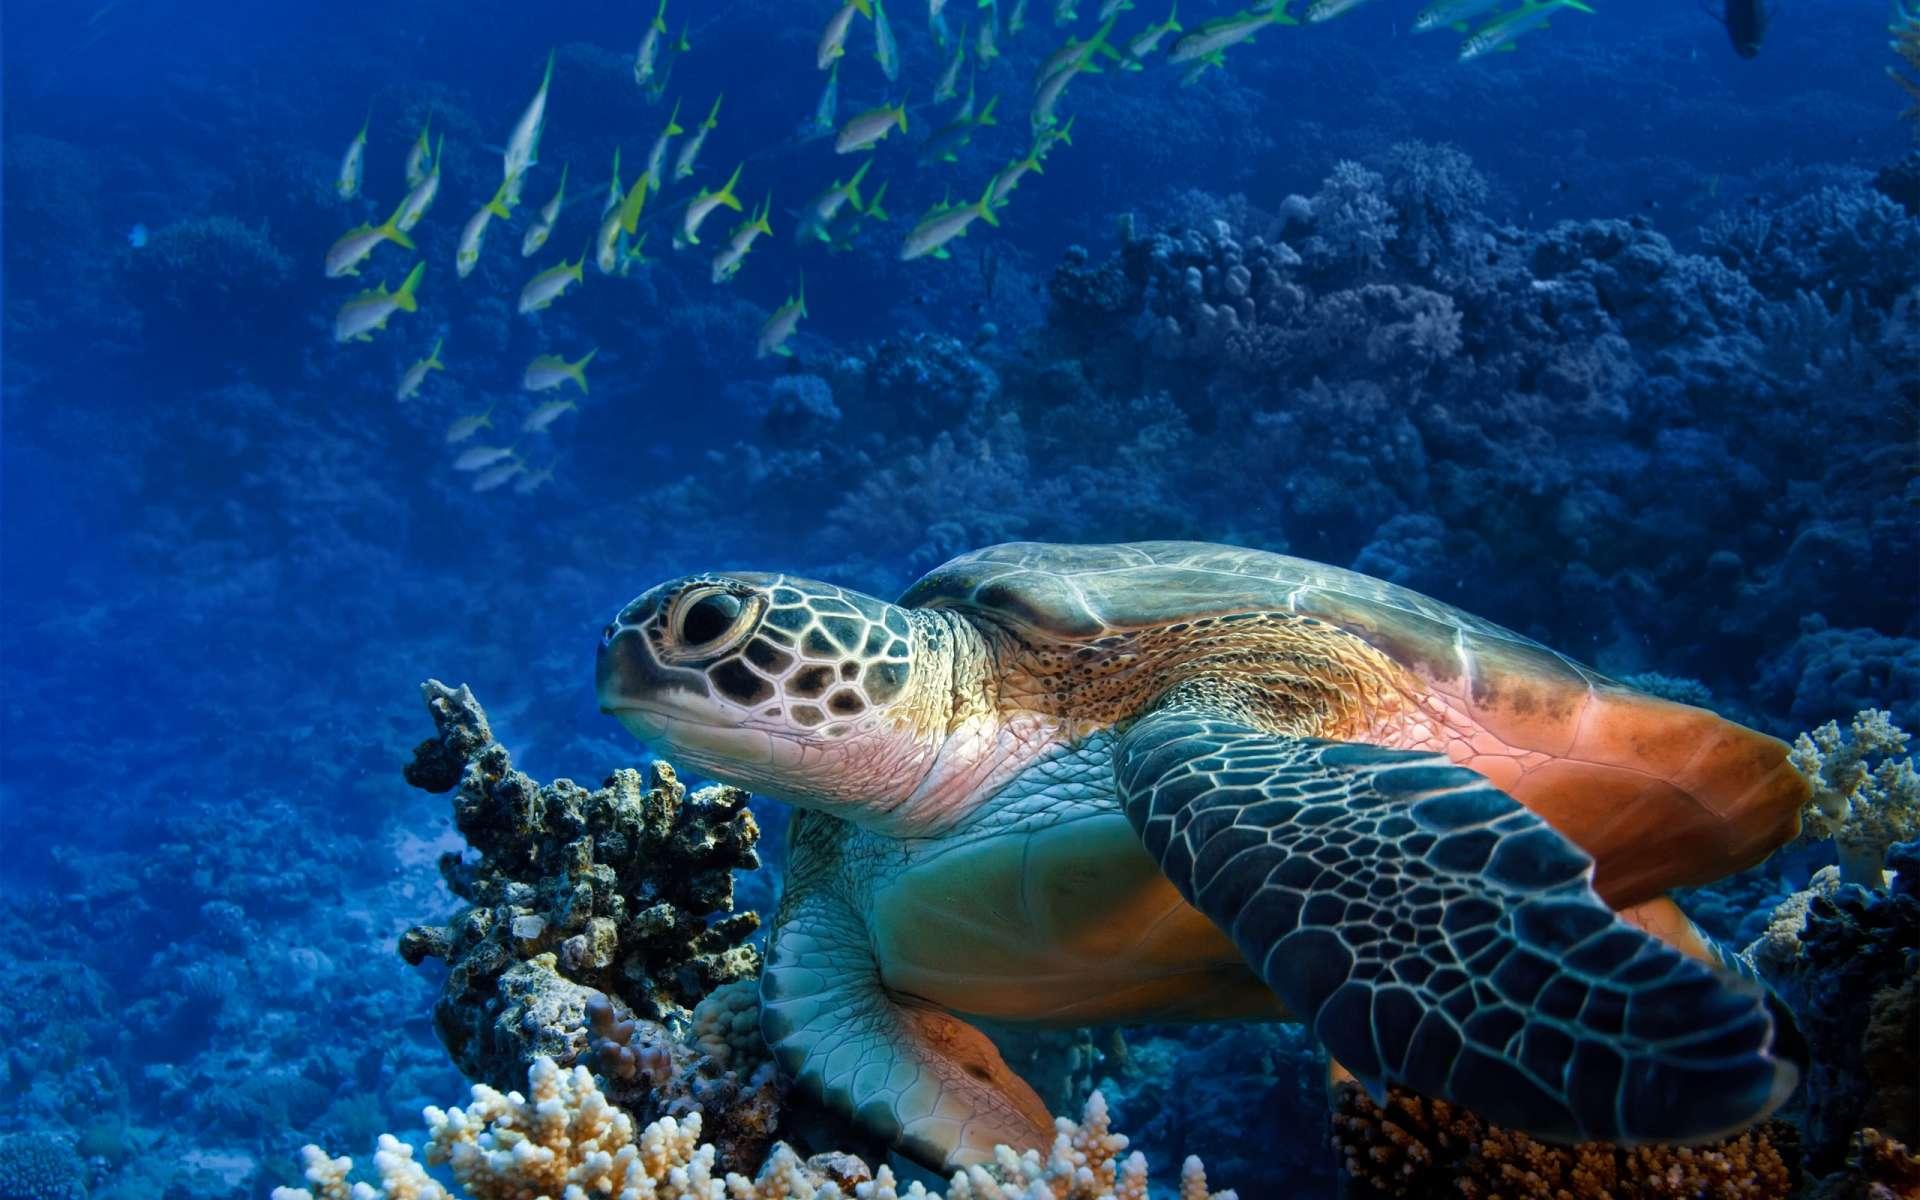 зимнее подводный мир картинки большого размера можете даже